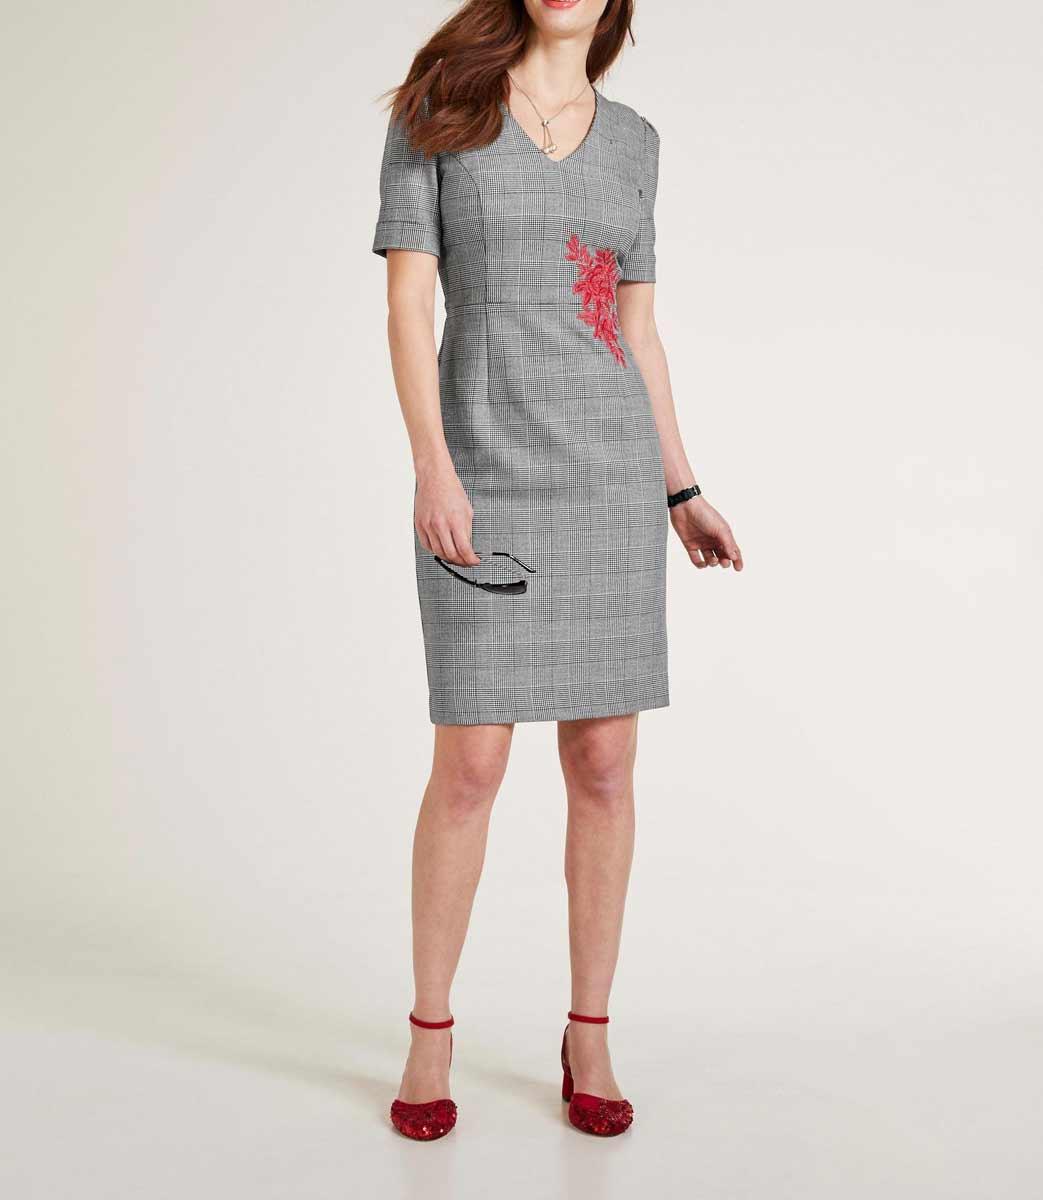 business kleider für damen Heine Etuikleid mit Stickerei schwarz weiß 491.287 Missforty